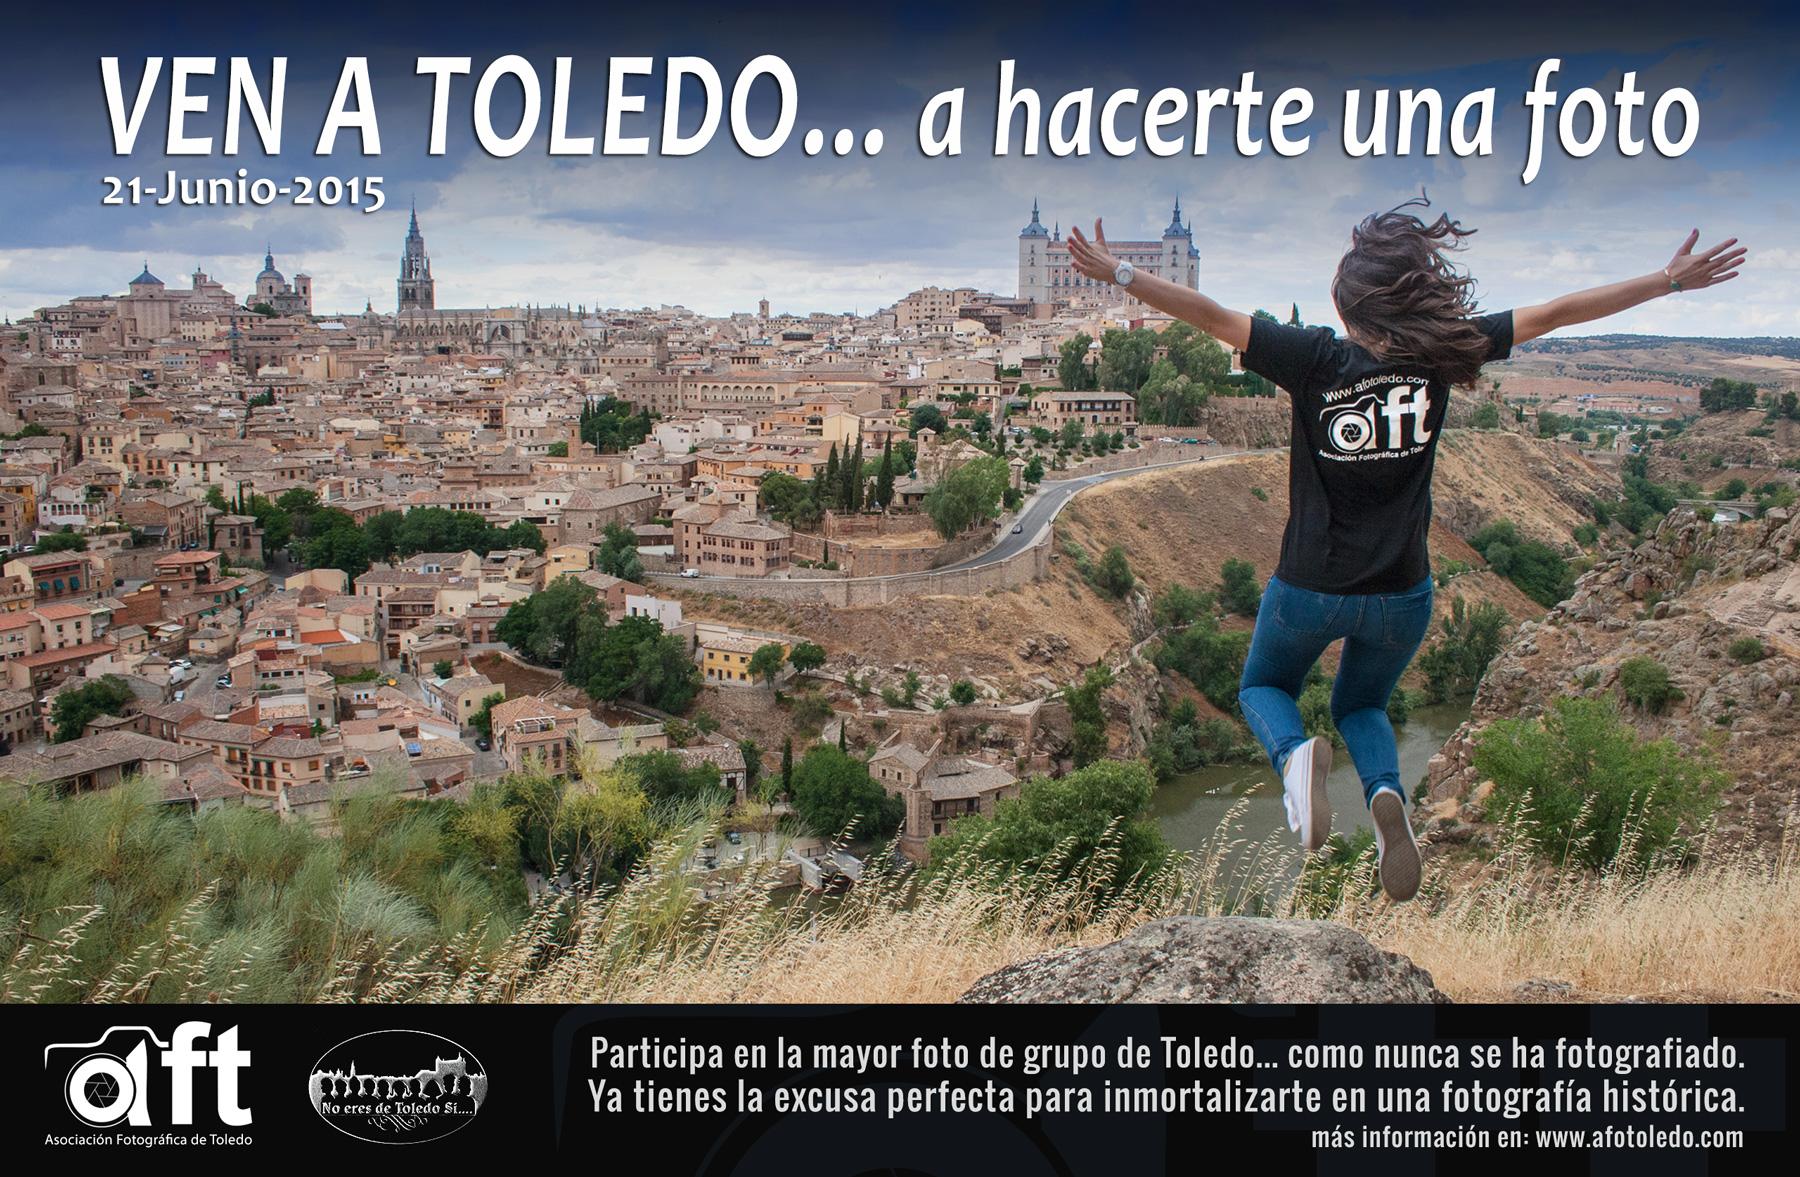 Asociación panorámica de Toledo